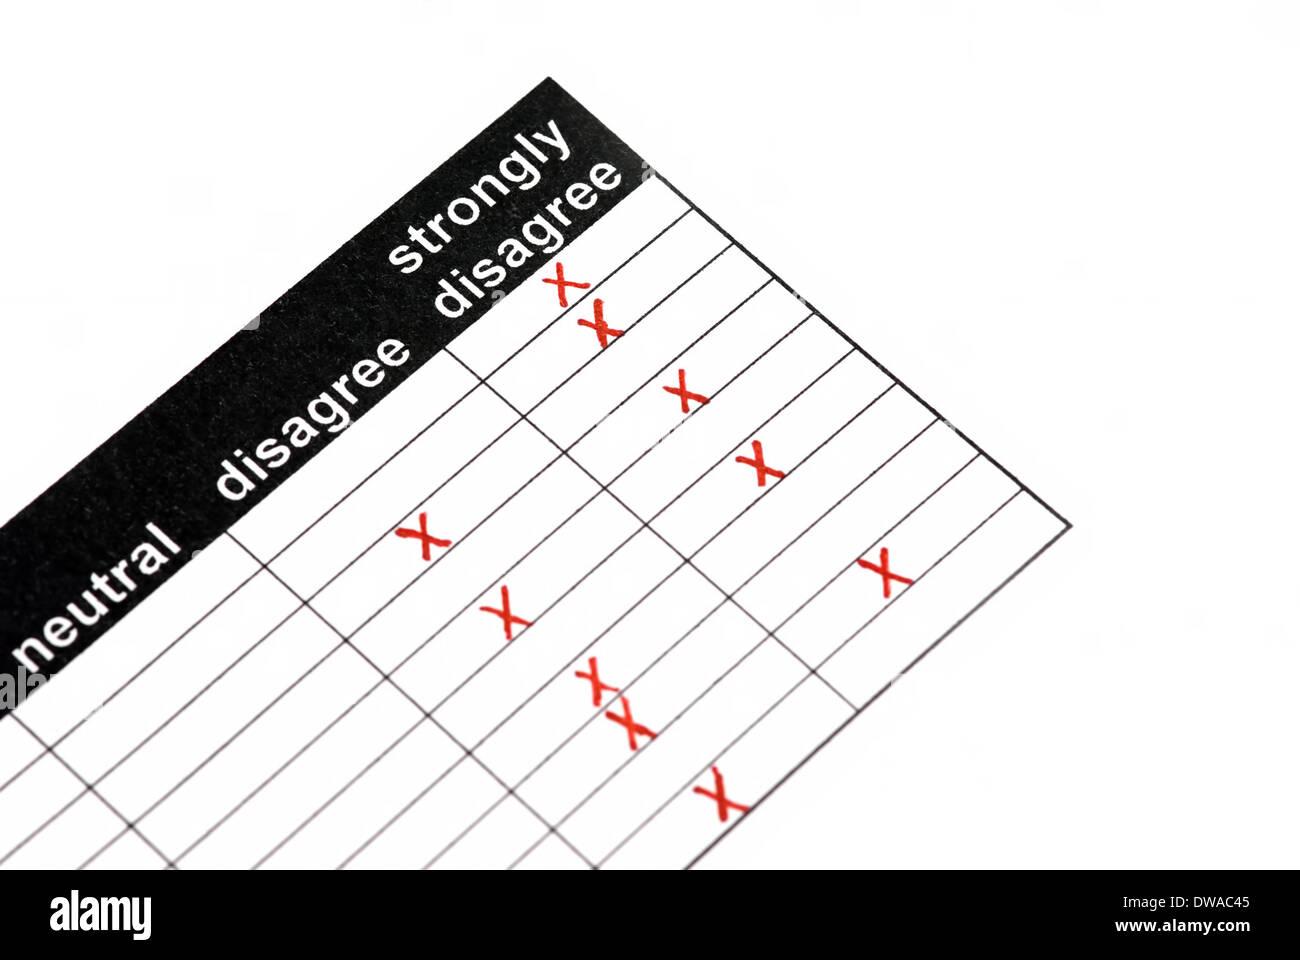 Formulaire satisfaction client avec de mauvais résultats. Photo Stock